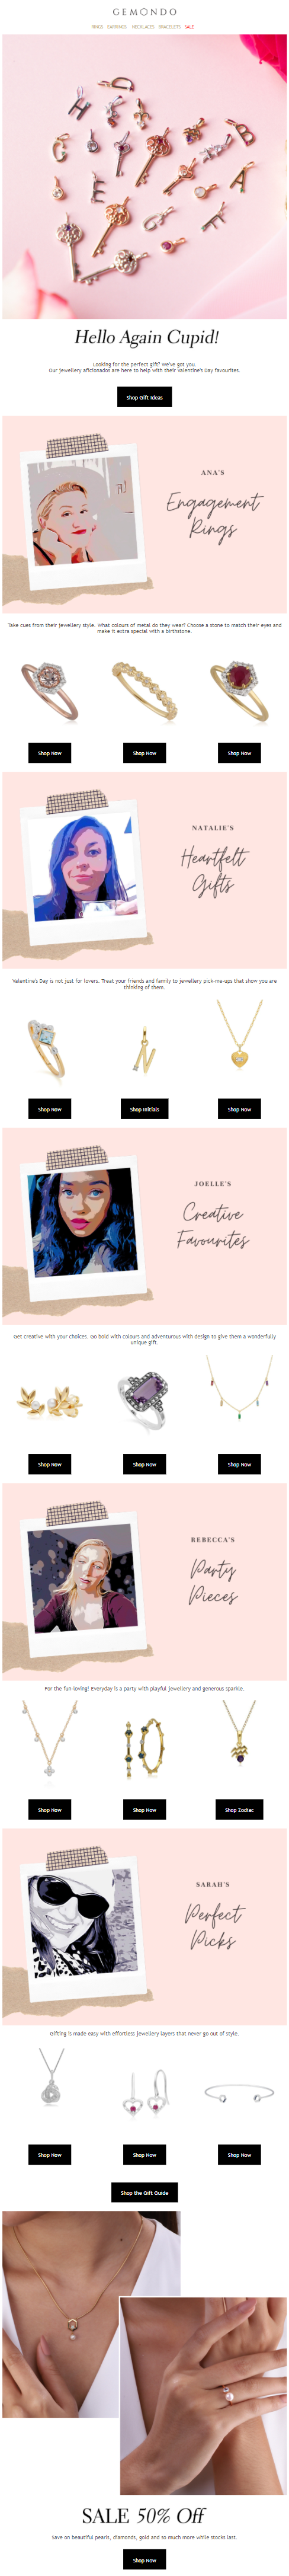 Valentine's email campaign by Gemondo